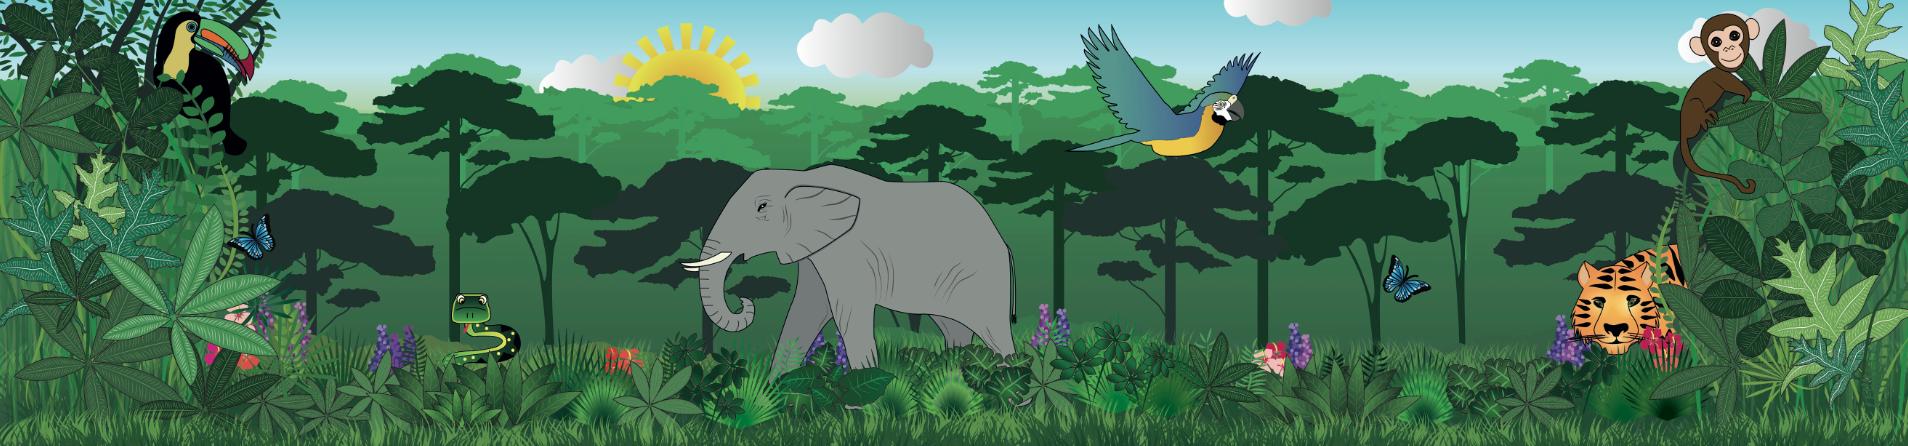 PNG Jungle Scene - 48820